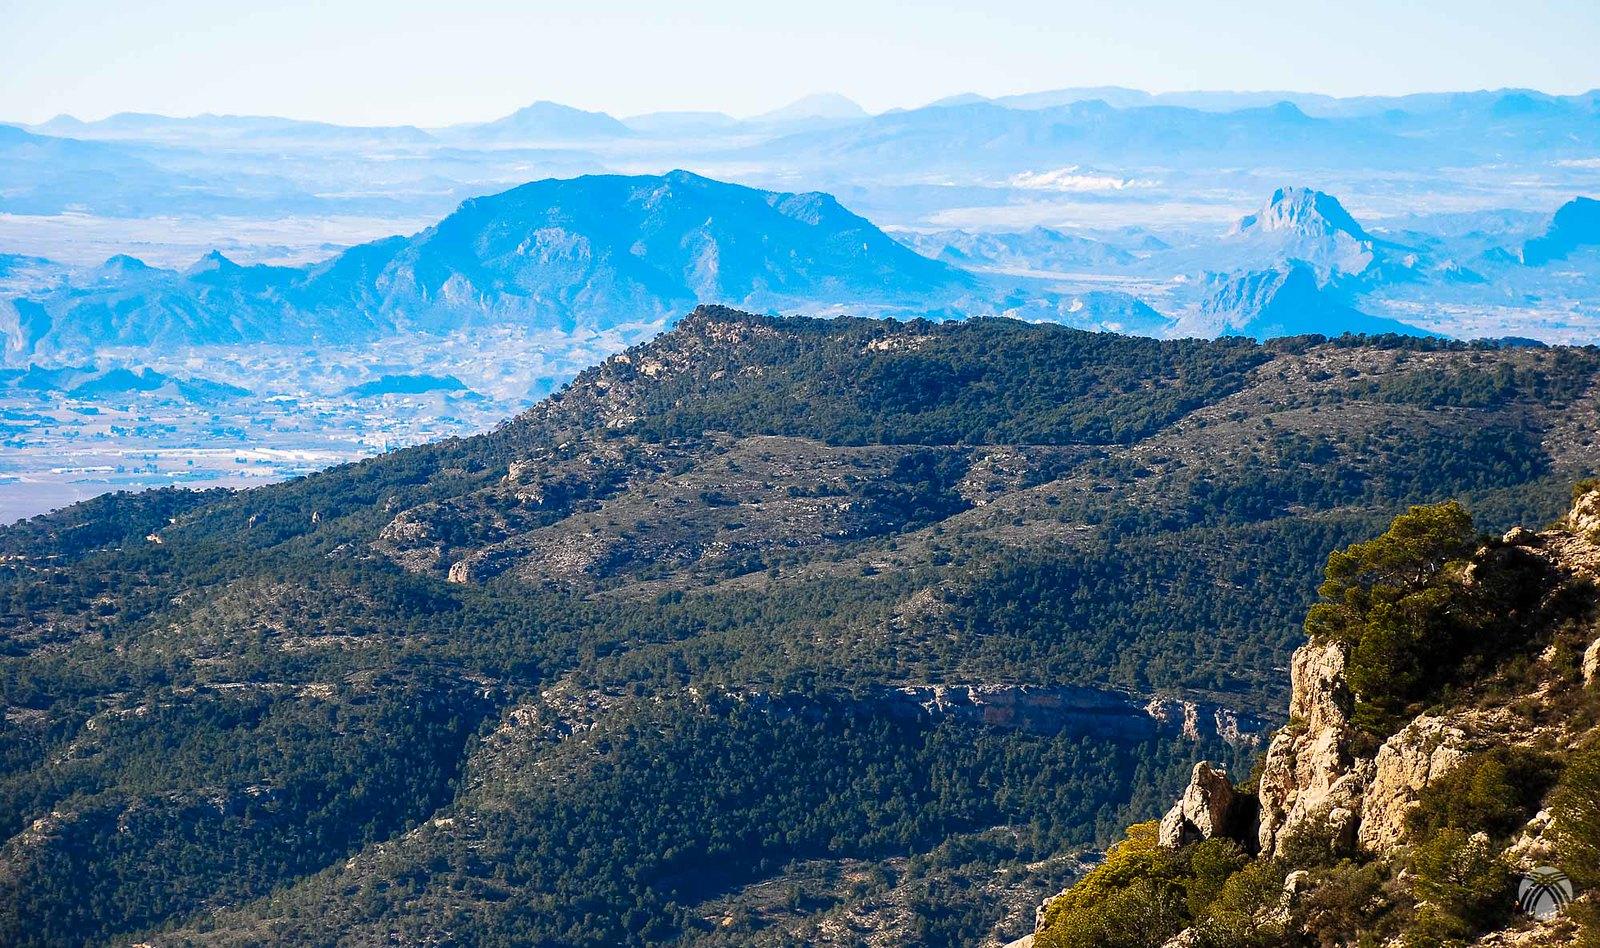 Y hacia el este se dibujan montañas como el Almorchón y la Sagra